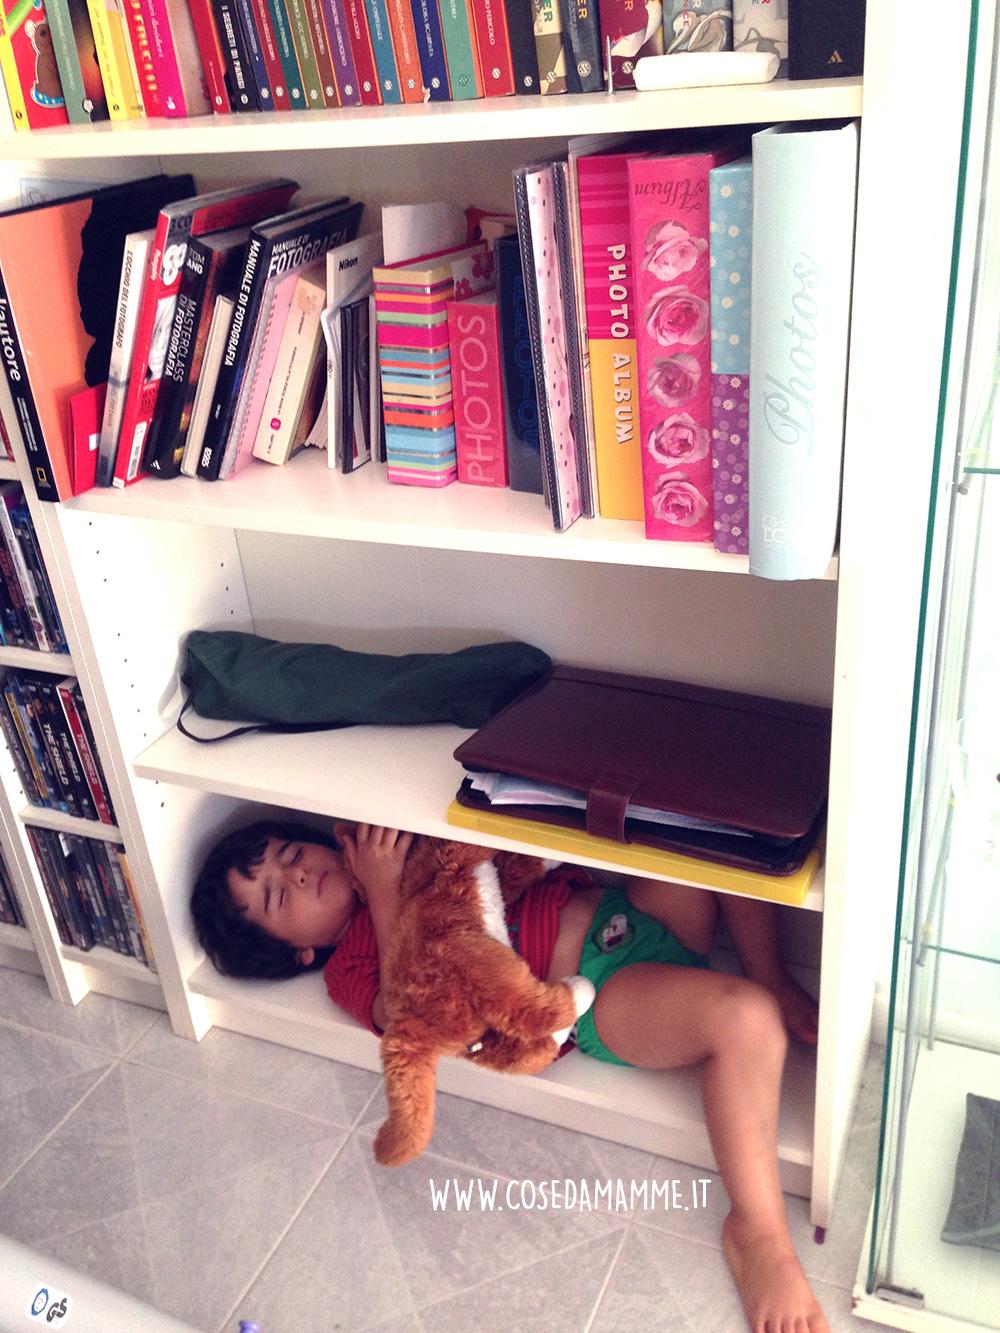 daniel addormentato nella libreria